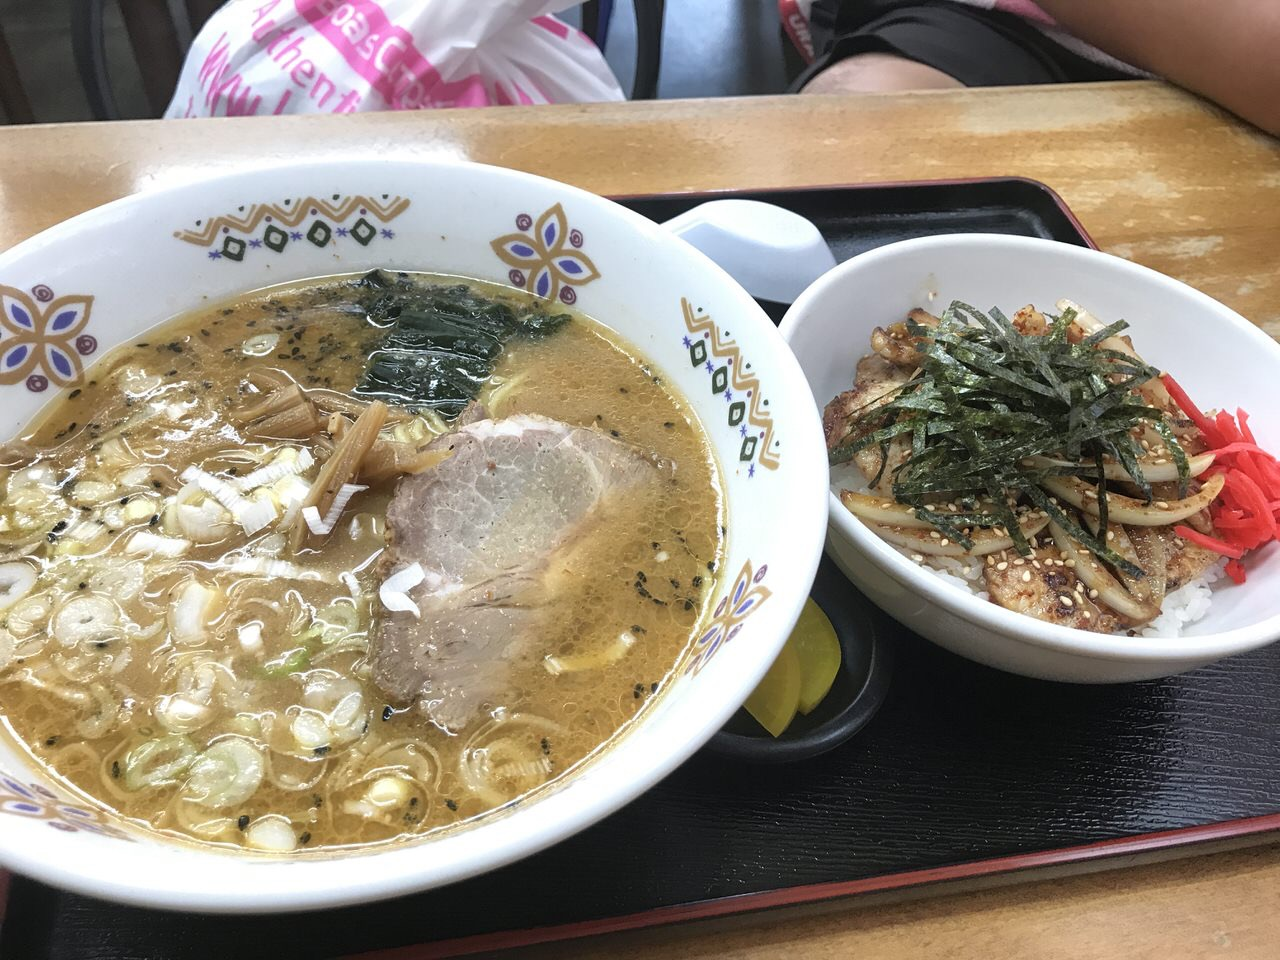 「清ちゃんラーメン」(浦和美園)7